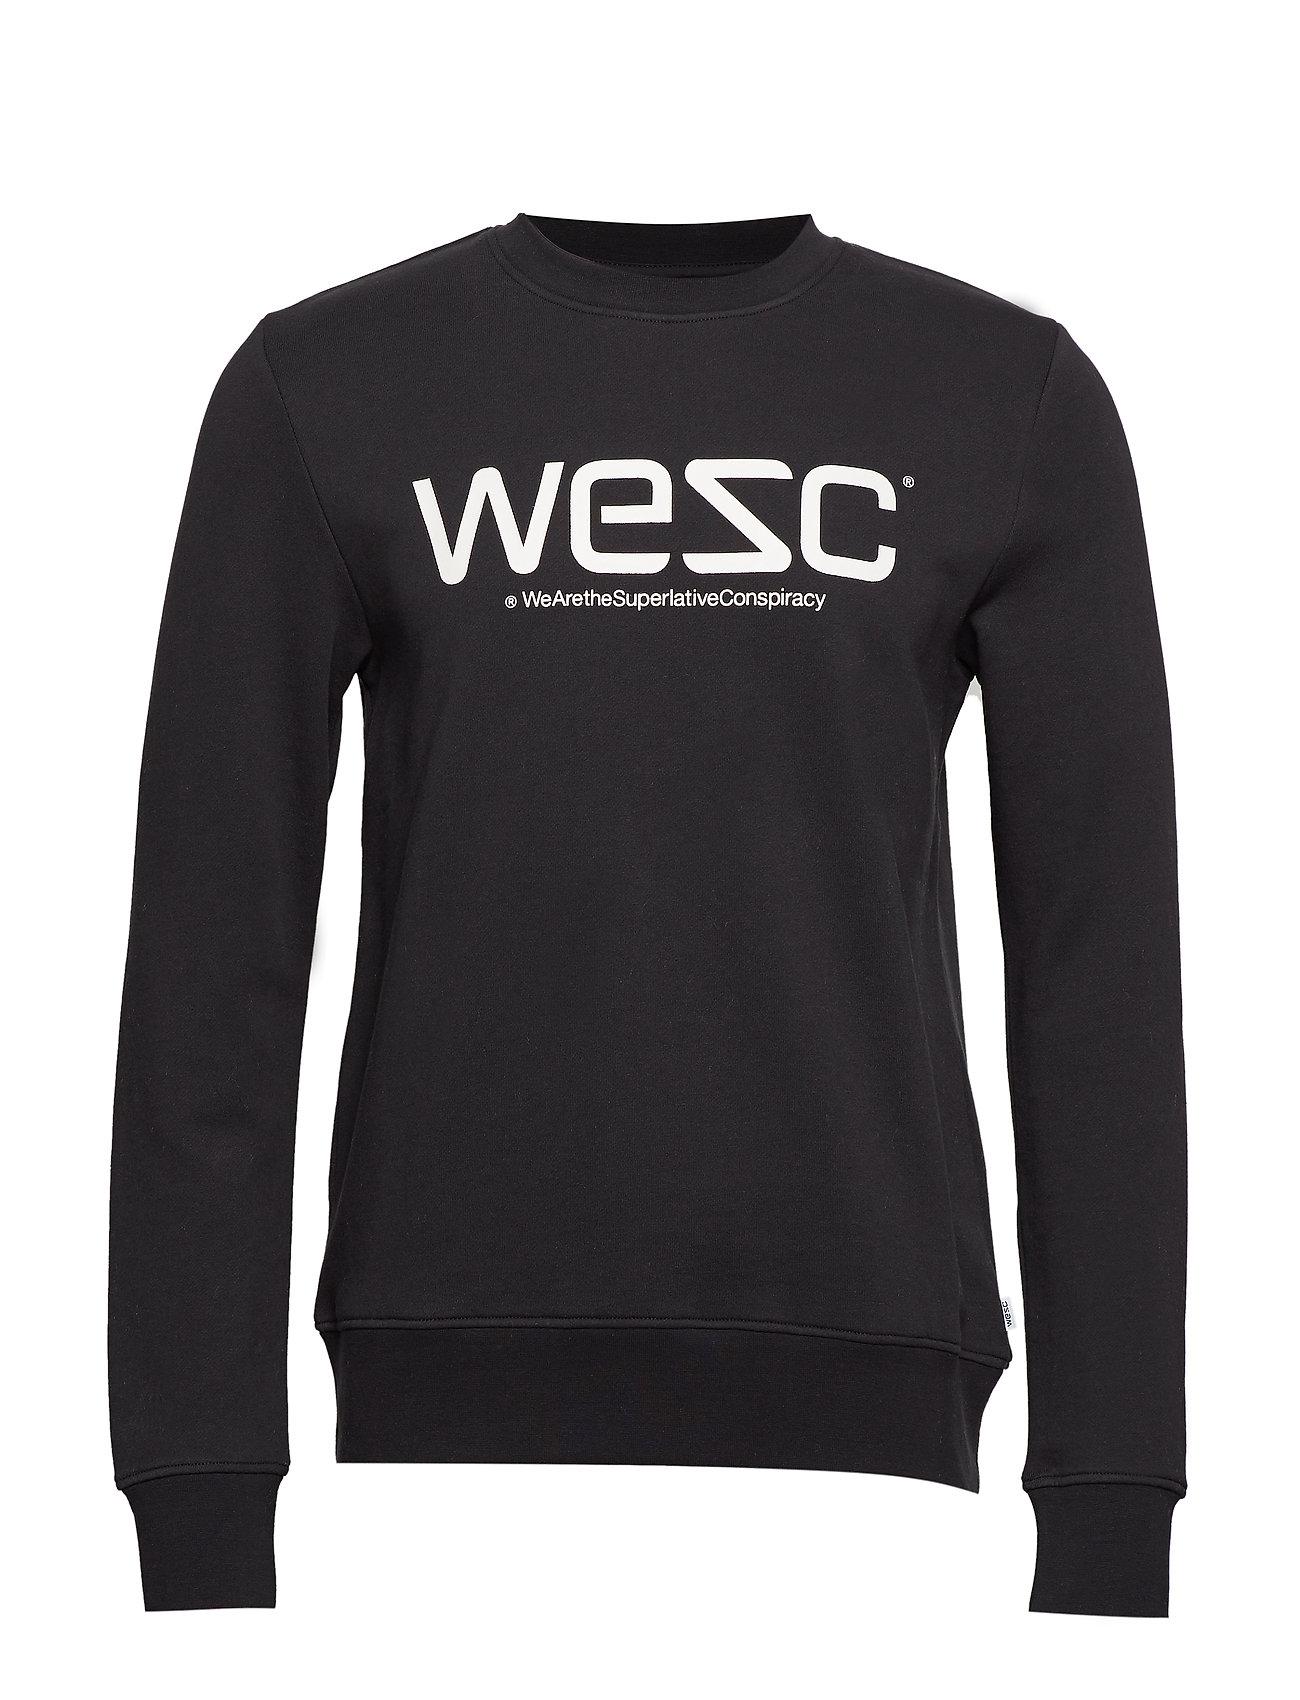 WeSC WeSC SWEATSHIRT - BLACK